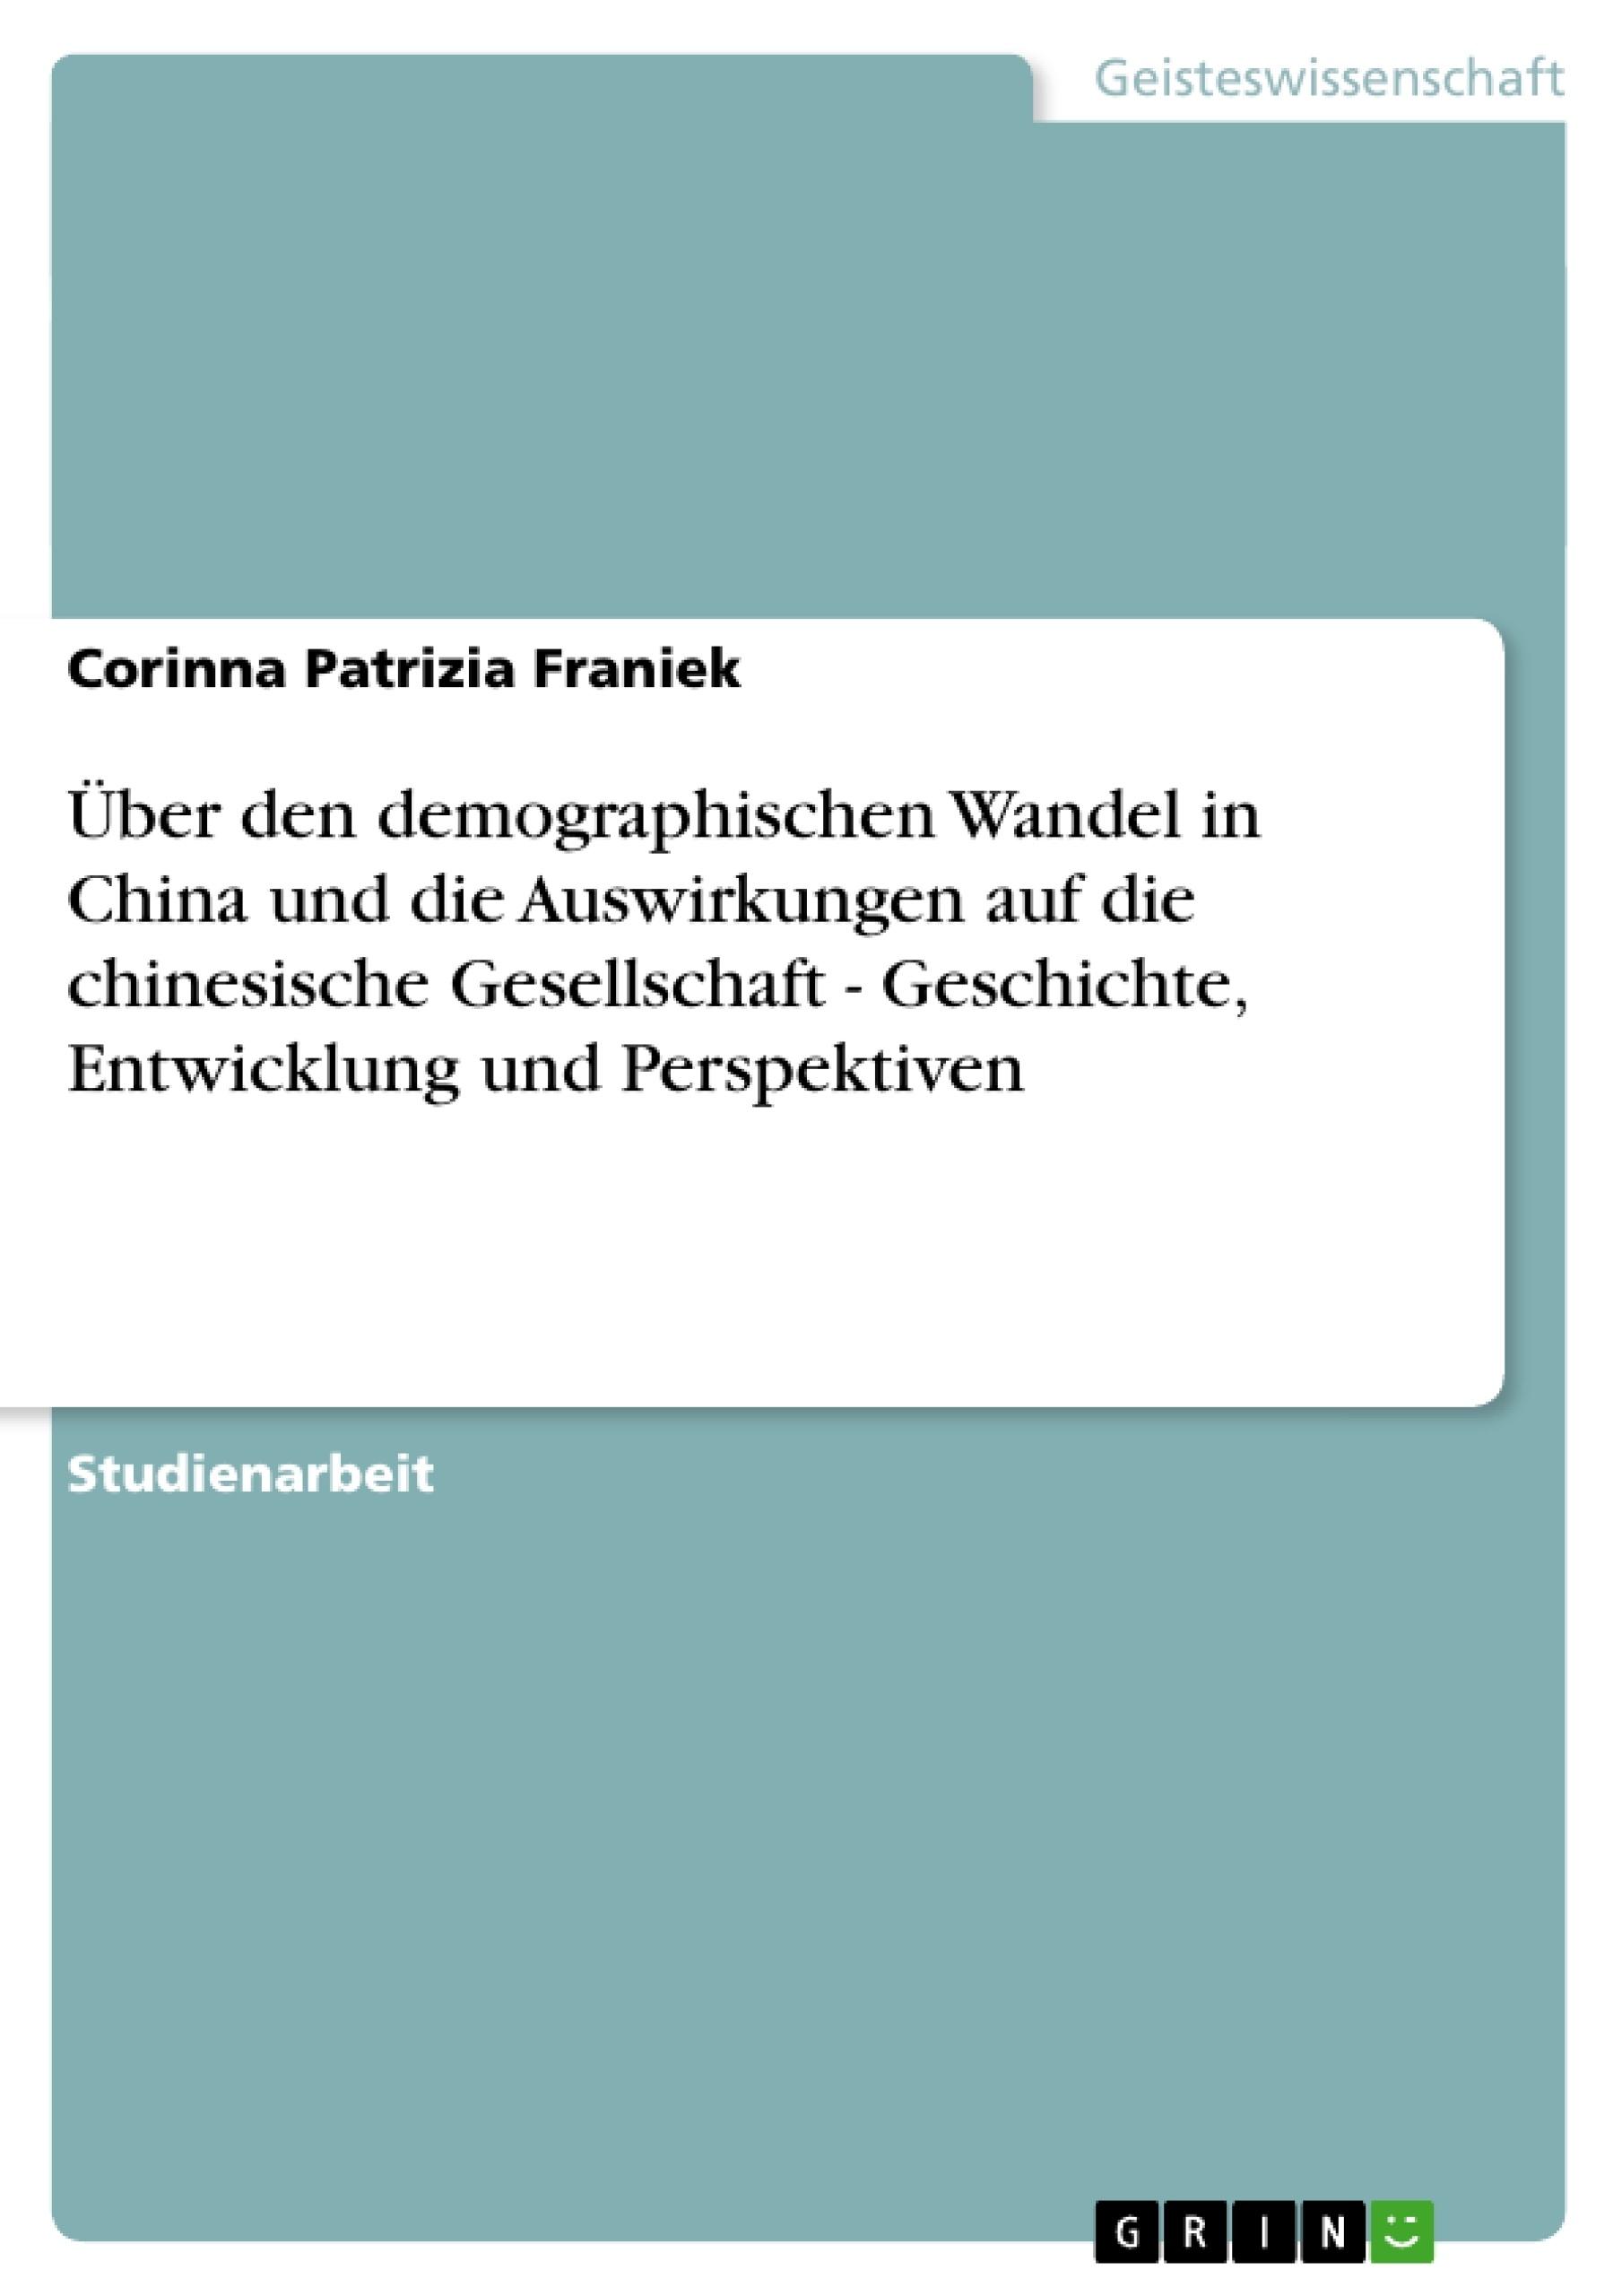 Titel: Über den demographischen Wandel in China und die Auswirkungen auf die chinesische Gesellschaft   - Geschichte, Entwicklung und Perspektiven